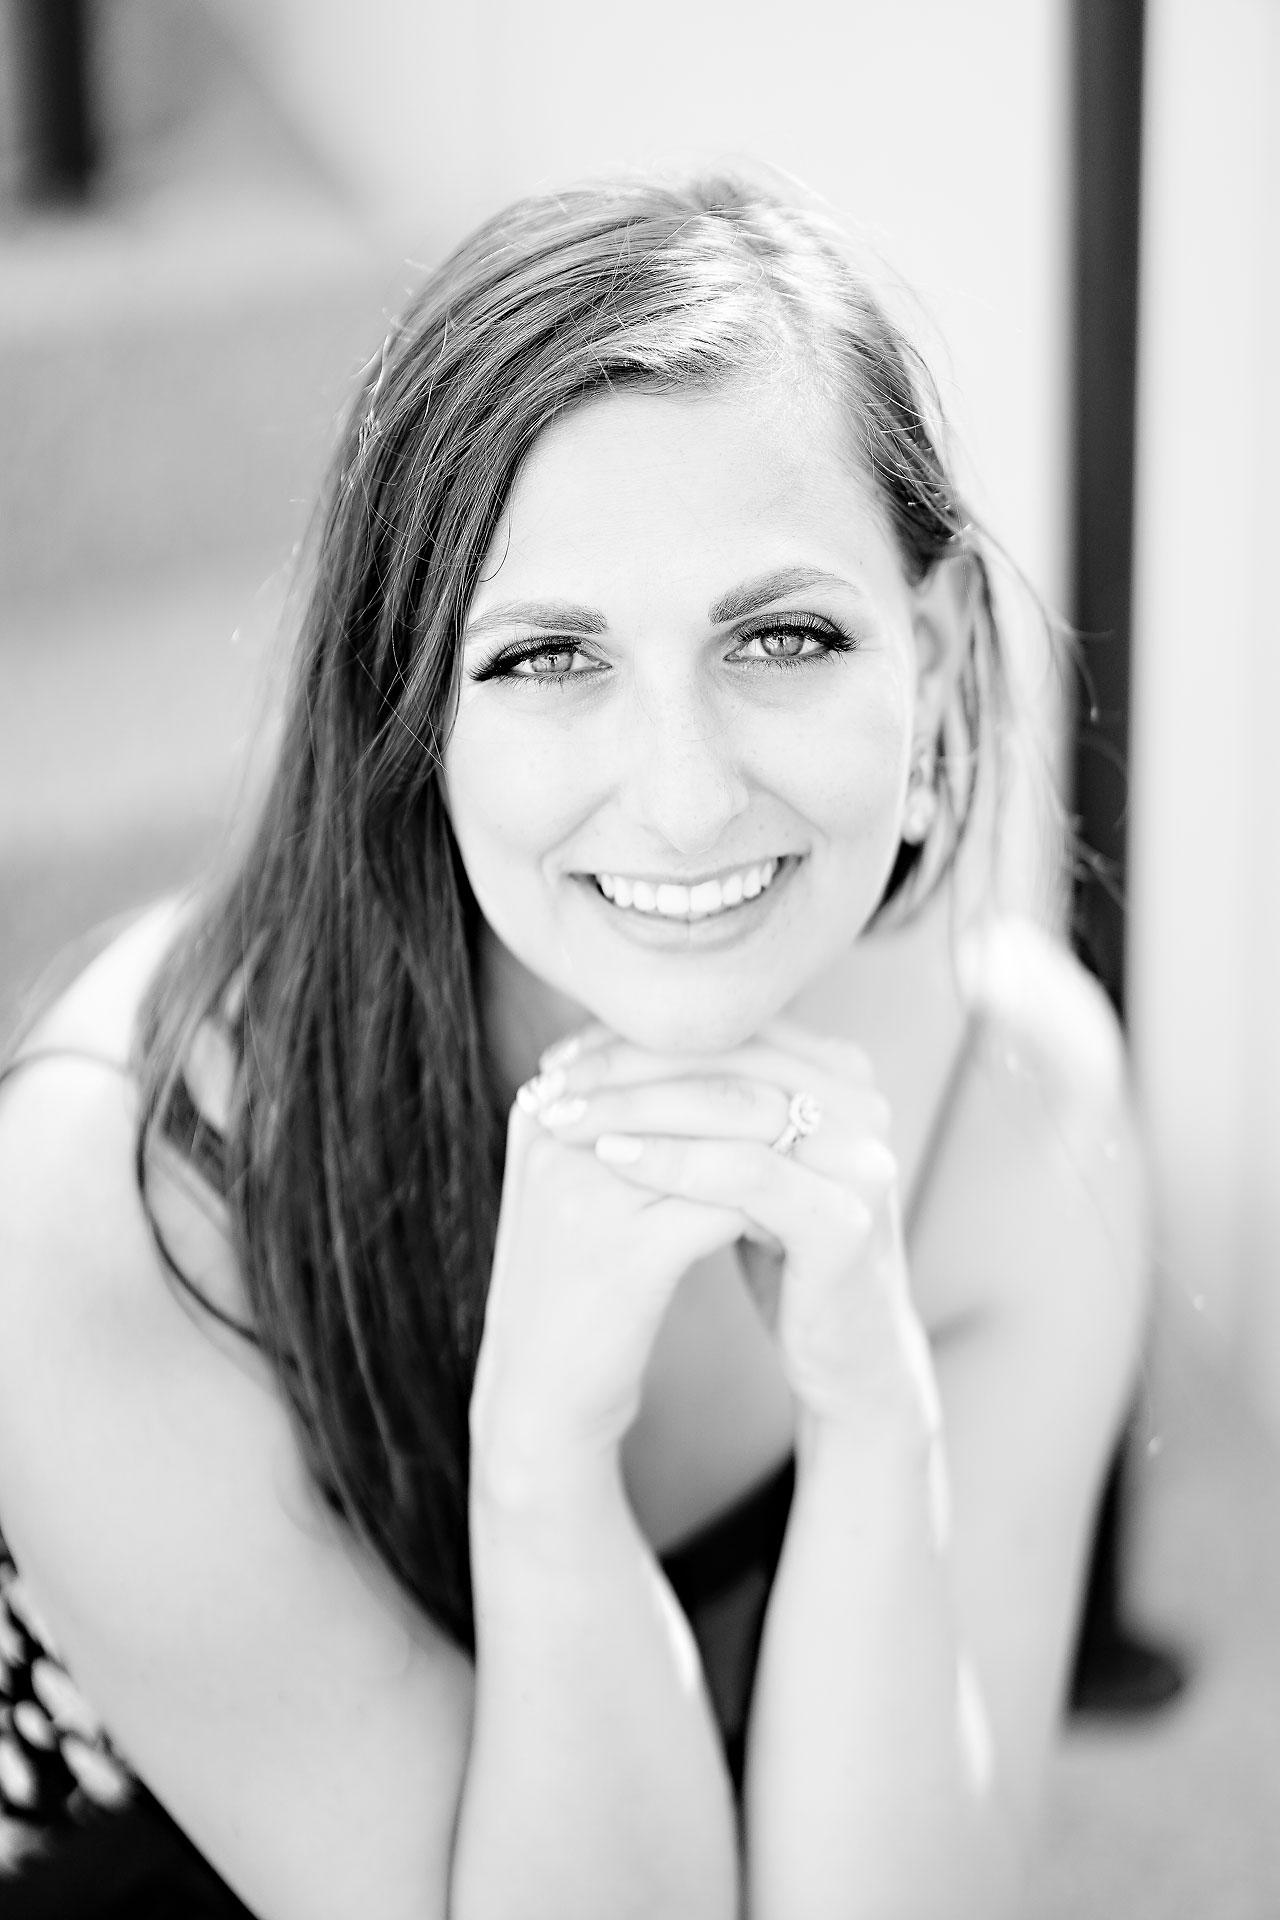 Allison Ben Bottleworks Indianapolis Engagement Session 041